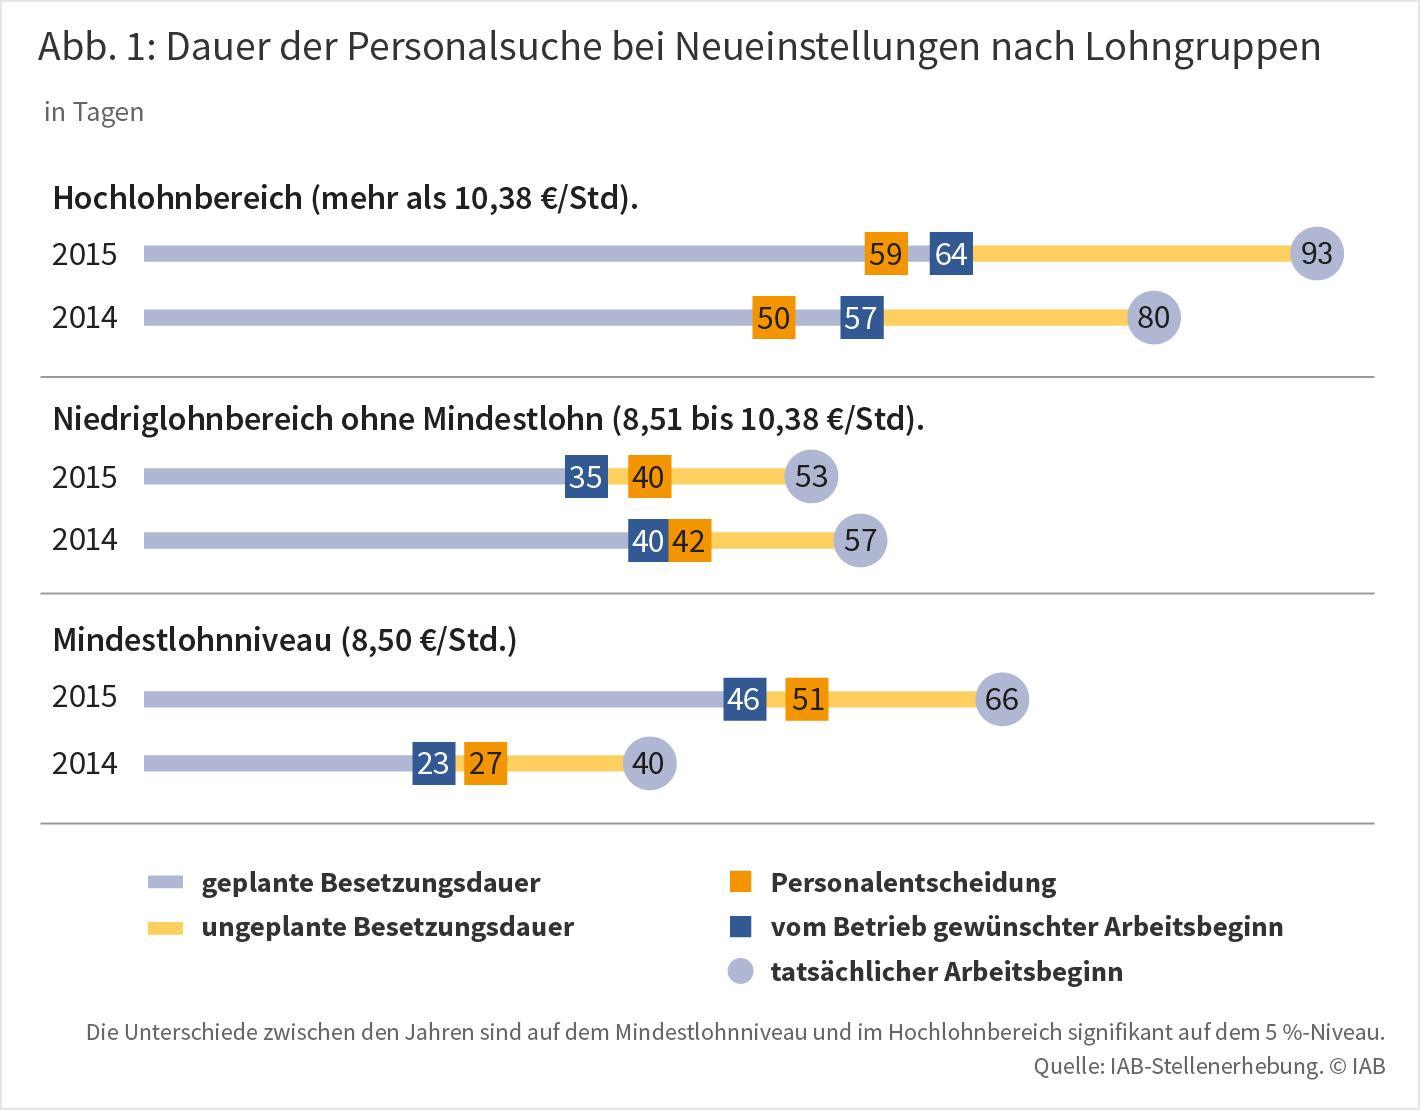 Abbildung 1: Dauer der Personalsuche bei Neueinstellungen nach Lohngruppen